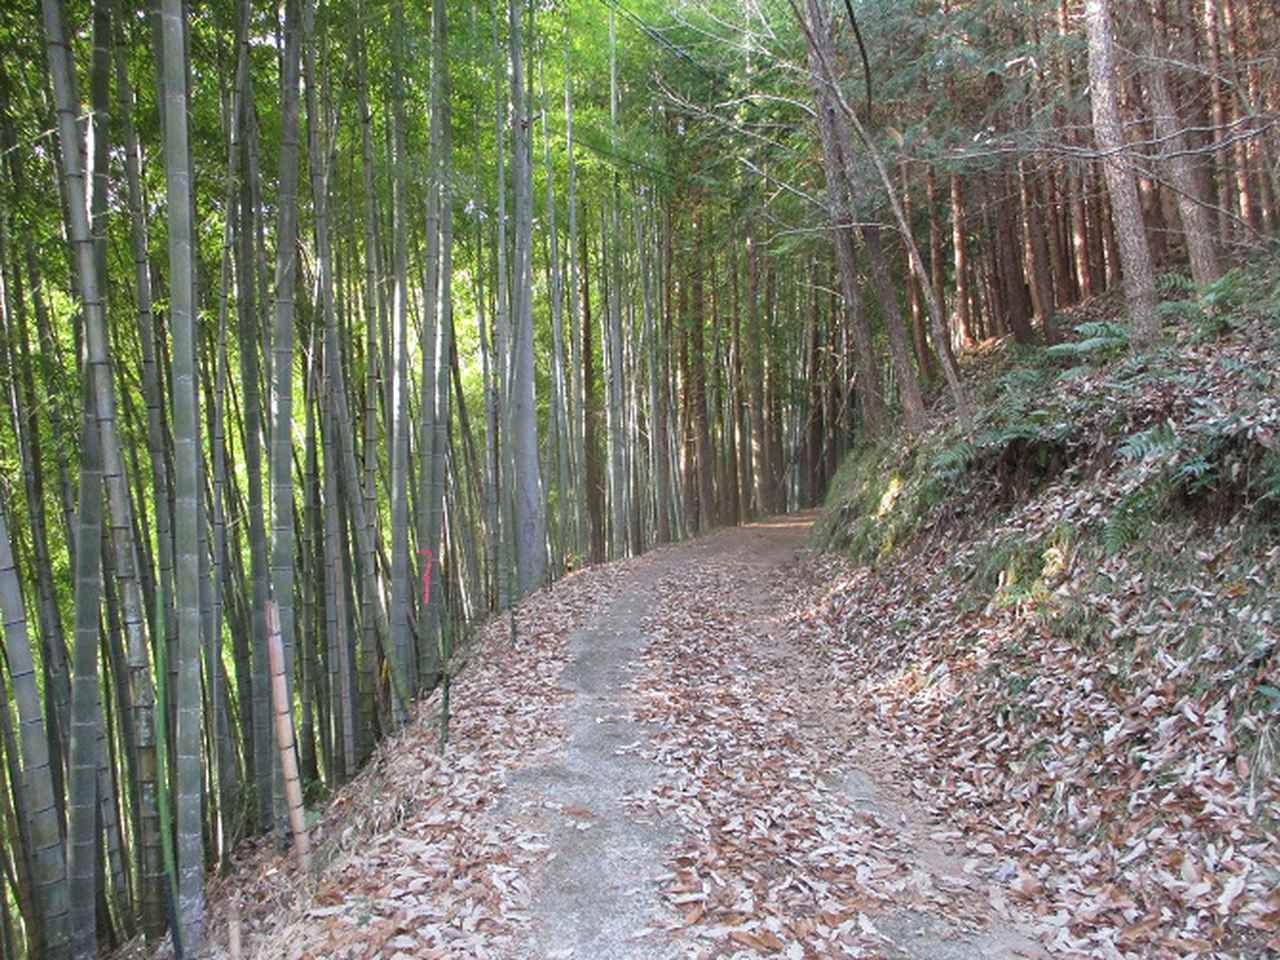 画像2: 来年冬の企画素材を探して山梨県南部の山 貫ヶ岳 を歩いてみました!